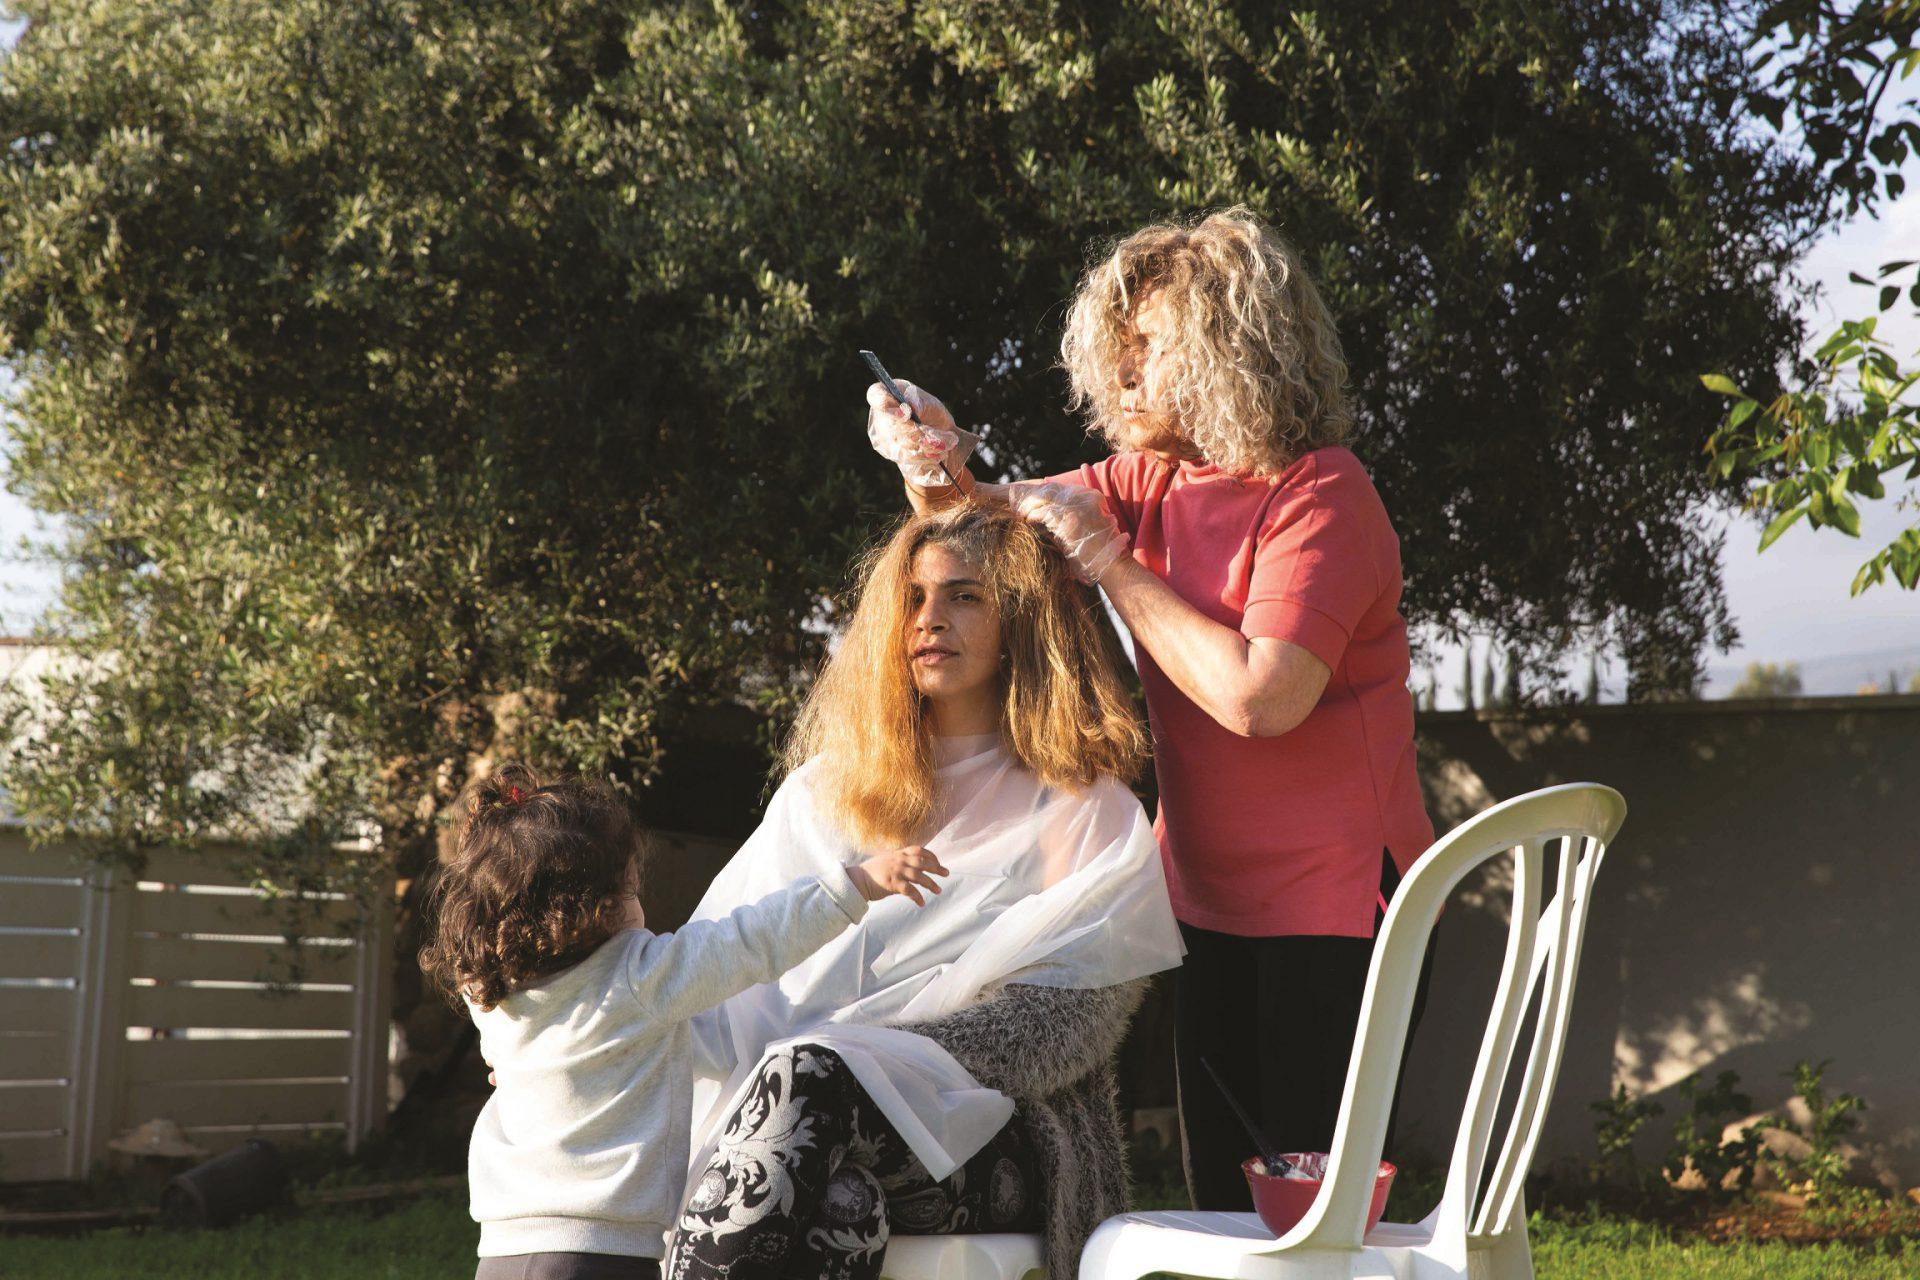 אימי סוזי הספרית שלושה דורות צילום אושרי חיון